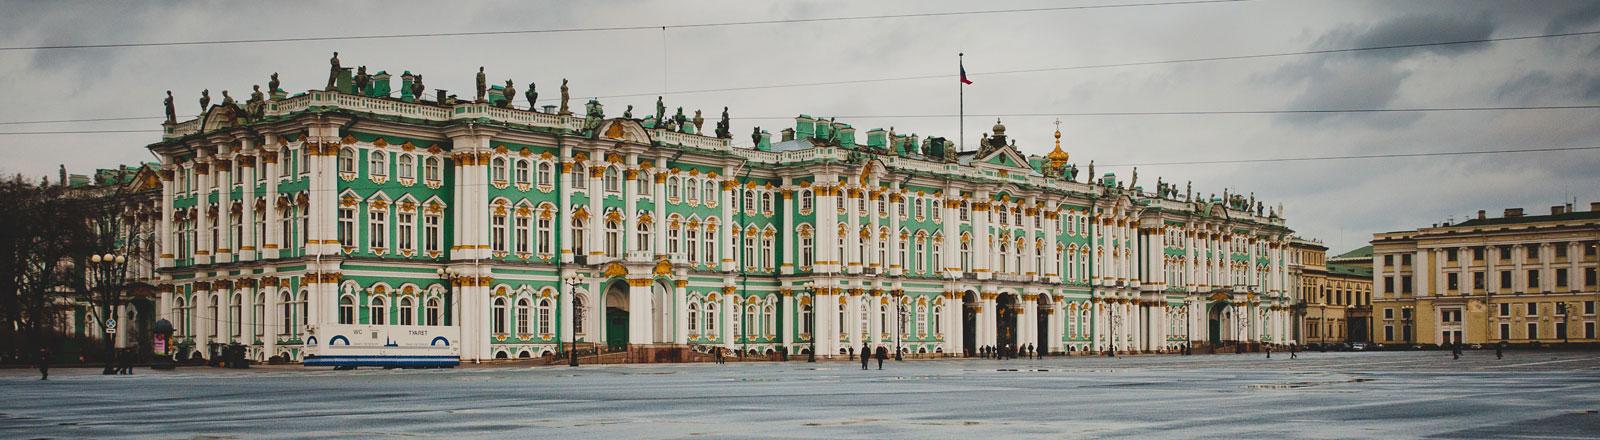 Eine Ansicht von St. Petersburg